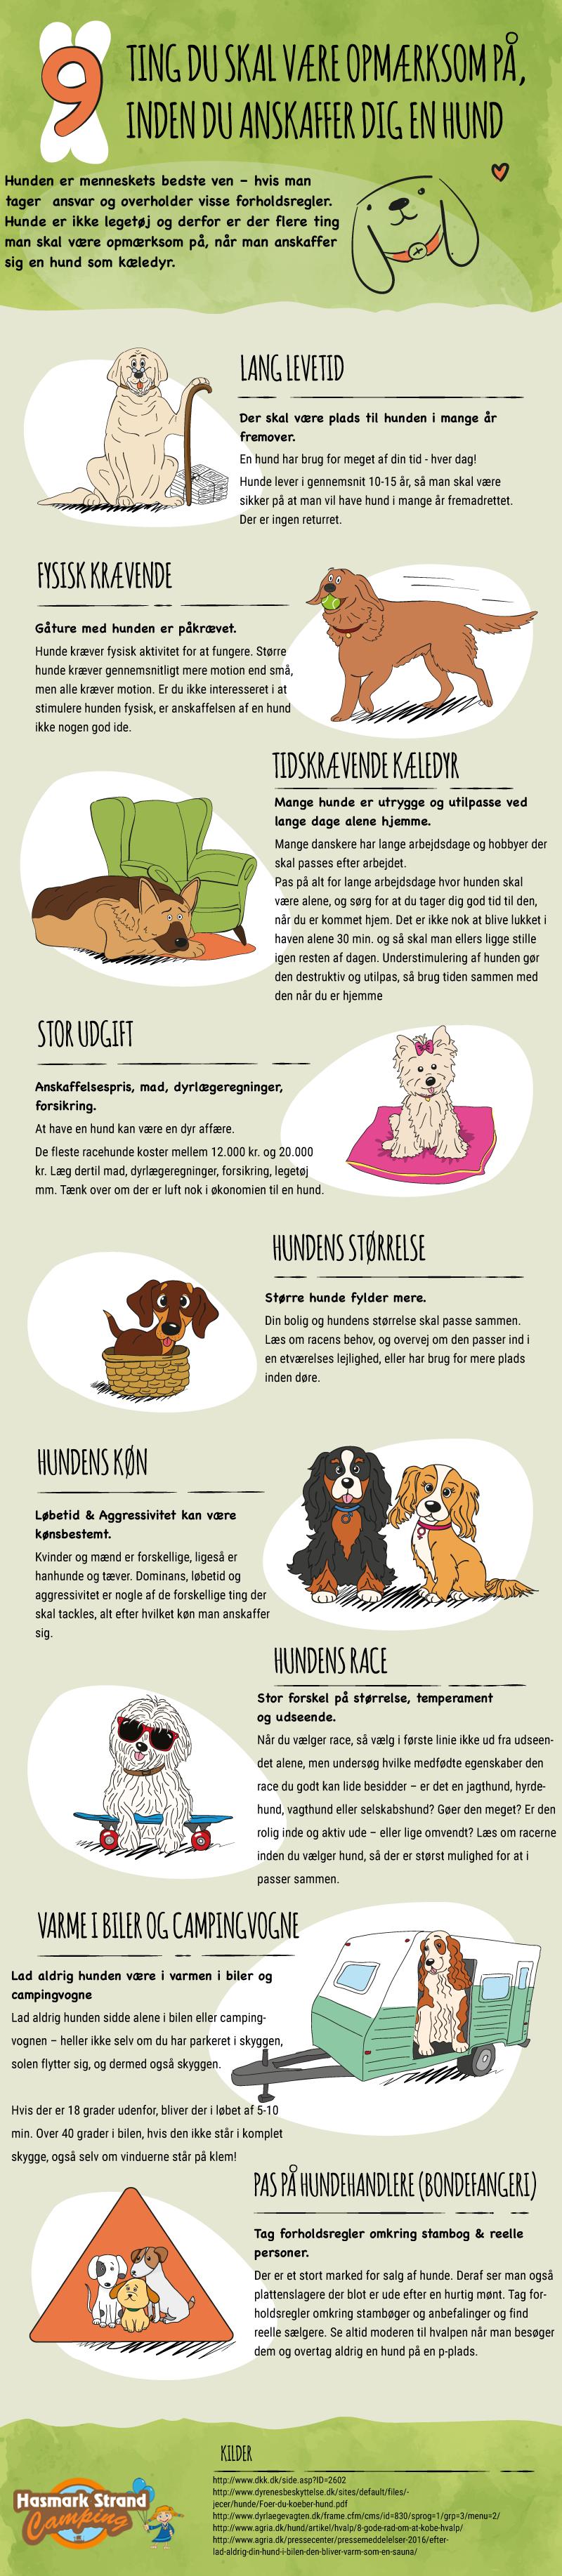 hund hundehvalp hvalp køb anskaffelse opmærksom inden køb